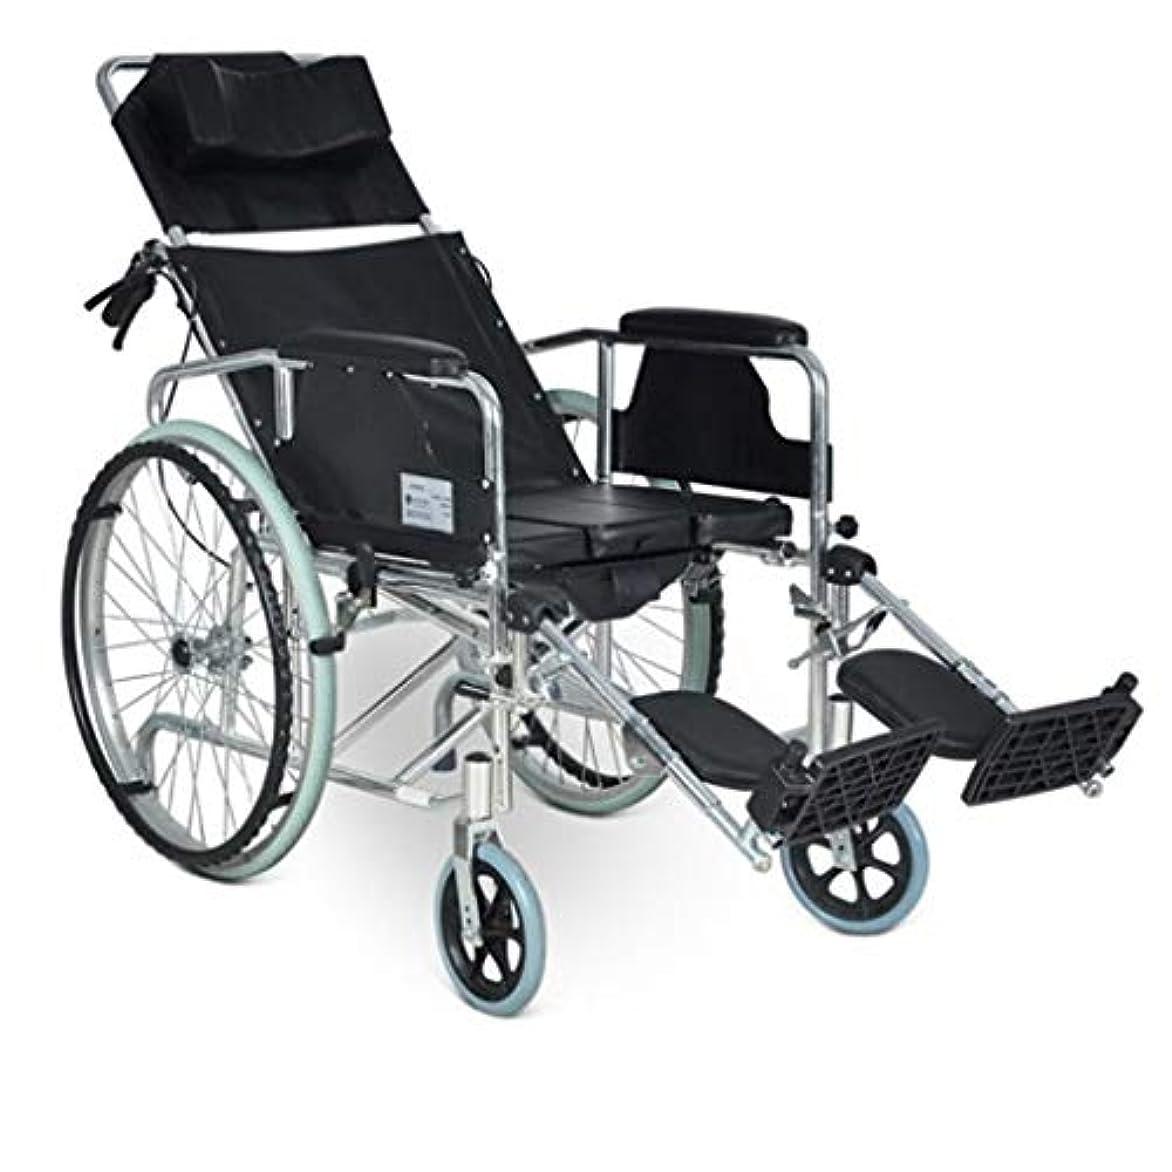 読む開示するケーブル車椅子トロリー4ブレーキデザイン、フルリクライニング折りたたみ車椅子、高齢者用多目的ワゴン